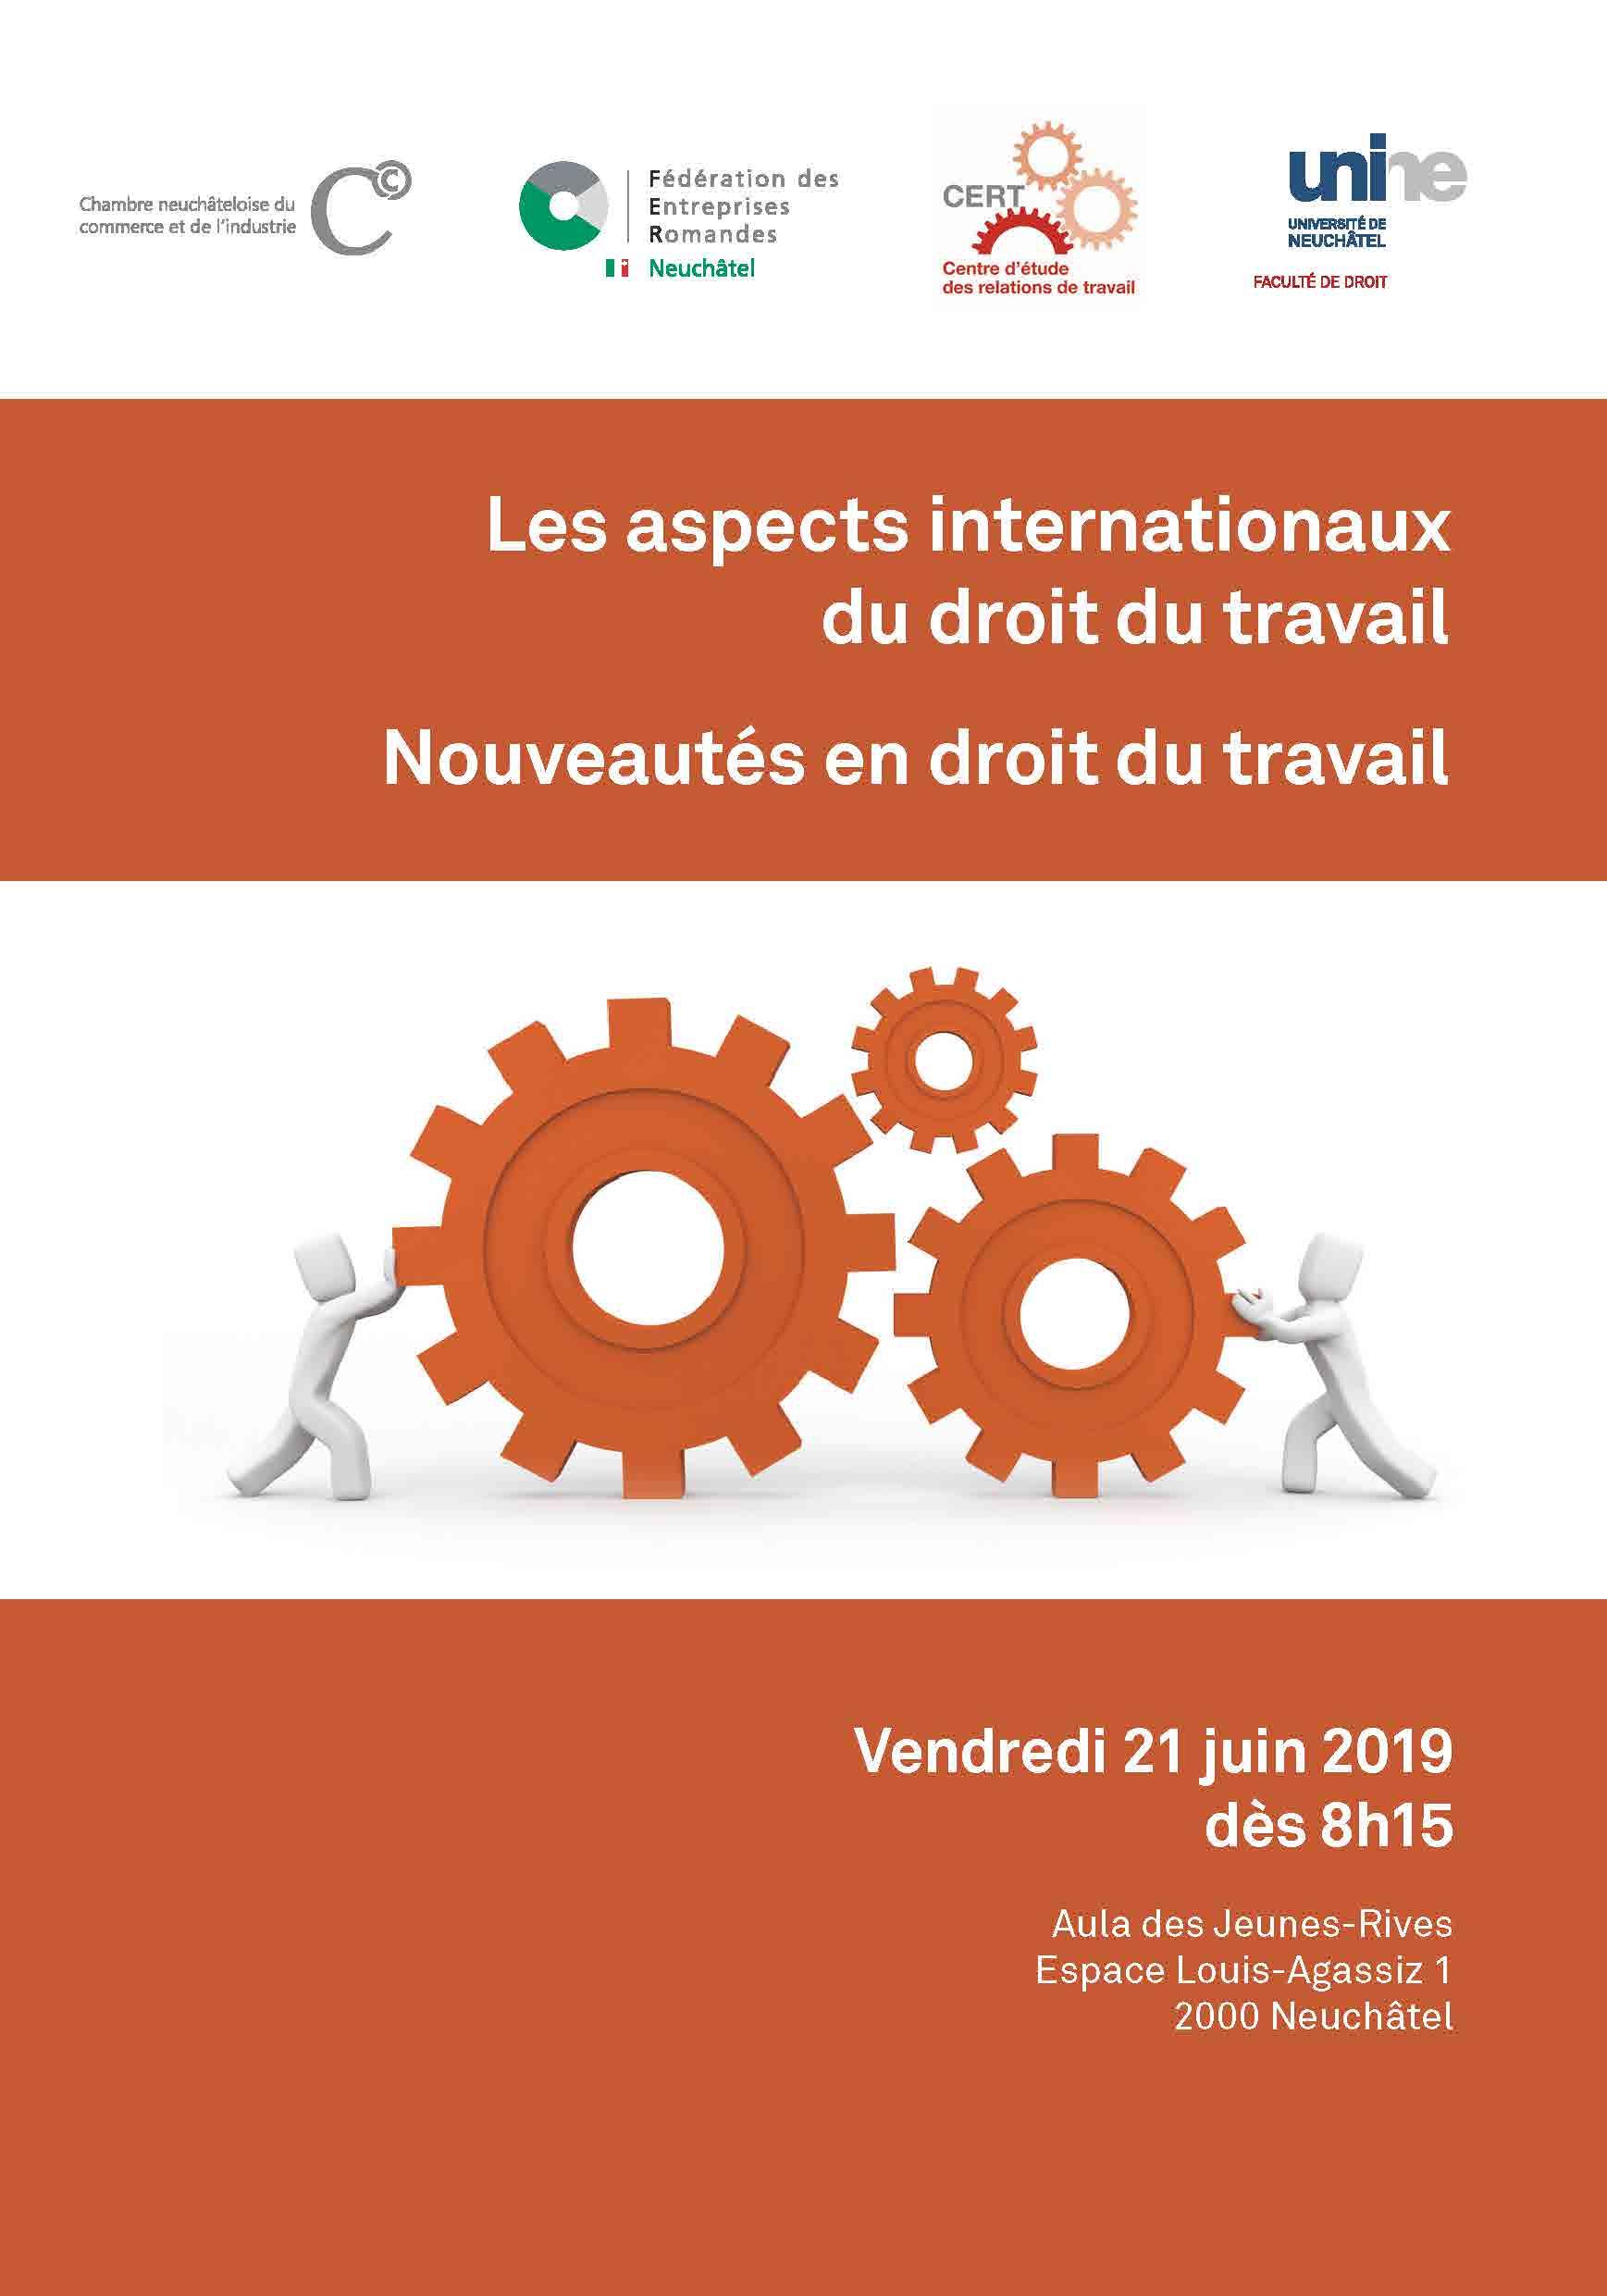 Les aspects internationaux du droit du travail et les nouveautés en droit du travail